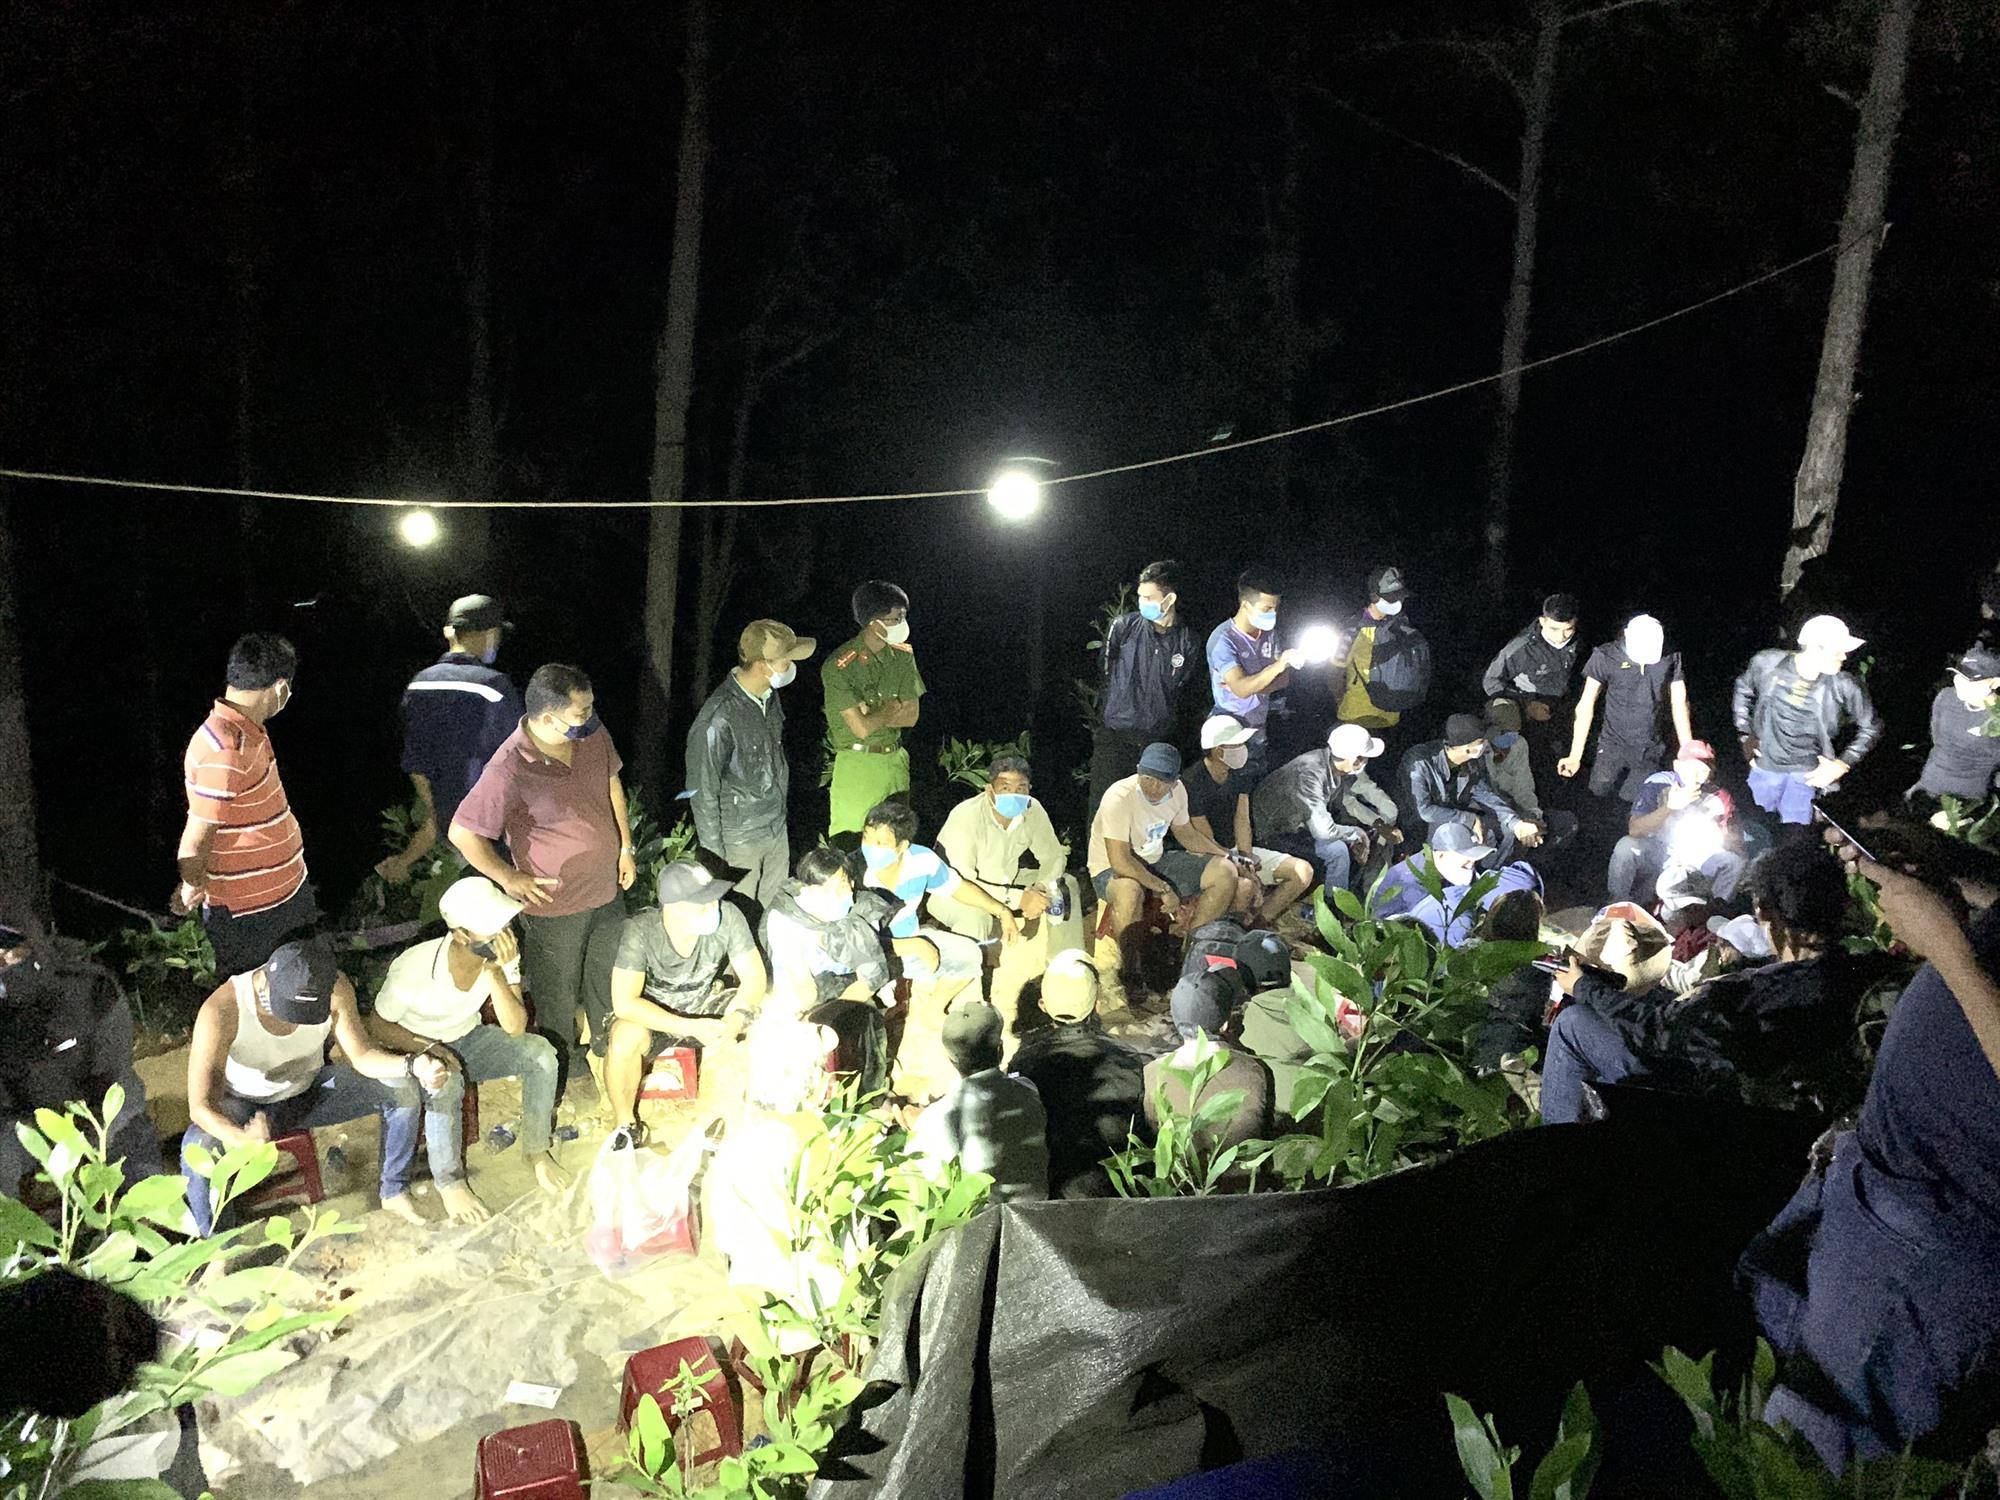 Hàng chục đối tượng bị bắt quả tang đánh bạc trong rừng thông thuộc địa bàn giáp ranh TP.Tam Kỳ và huyện Núi Thành. Ảnh: Đ.C